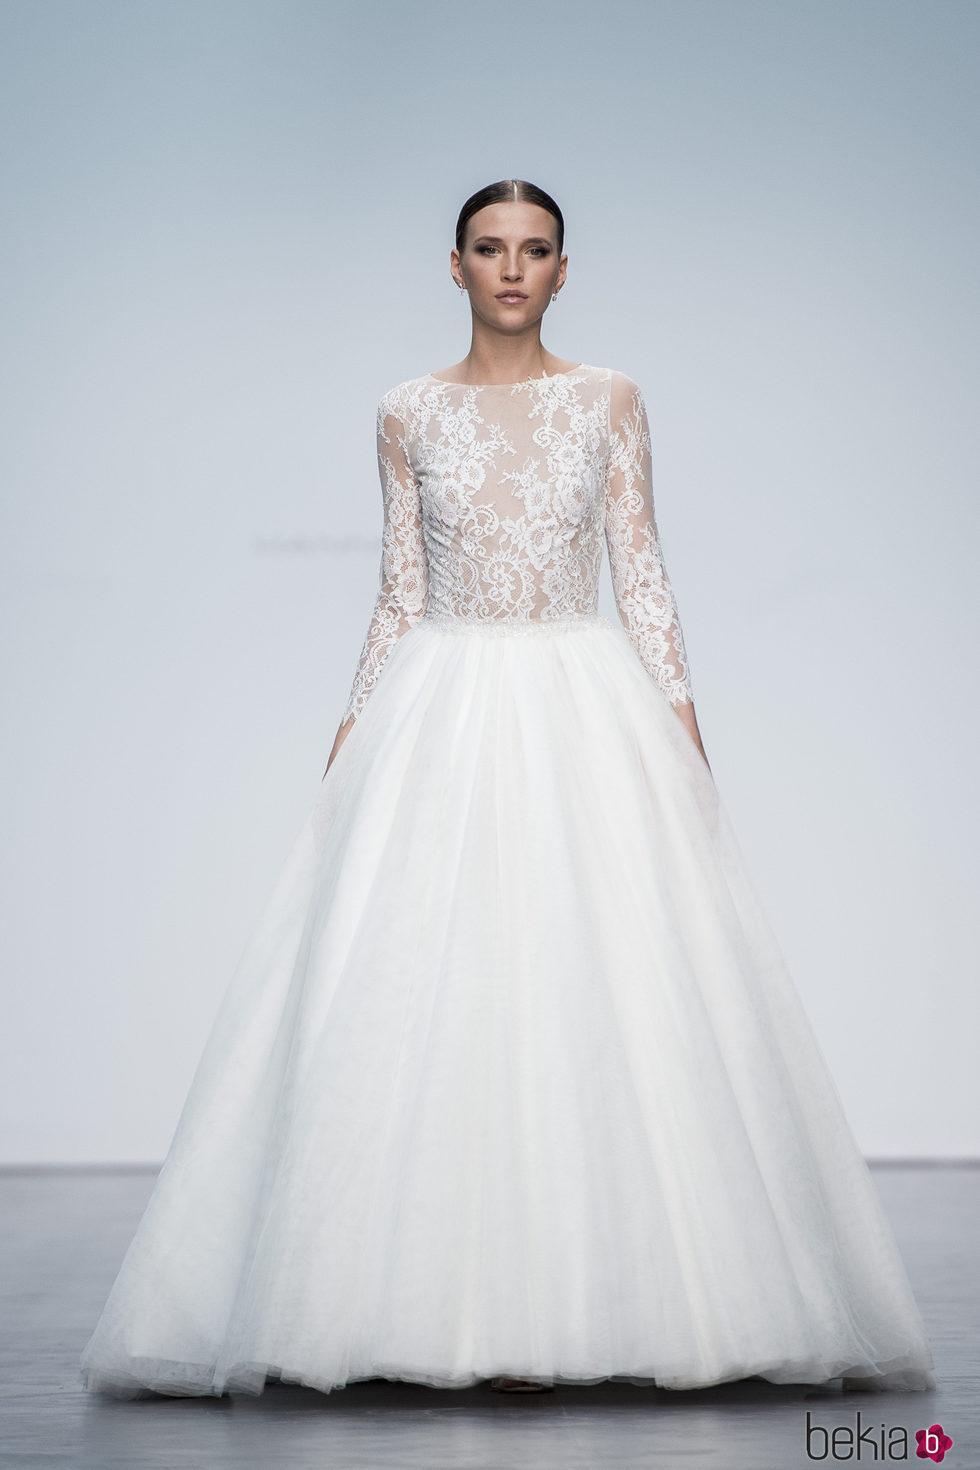 Vestido de novia con volumen de Hannibal Laguna en la Madrid Bridal Week 2017